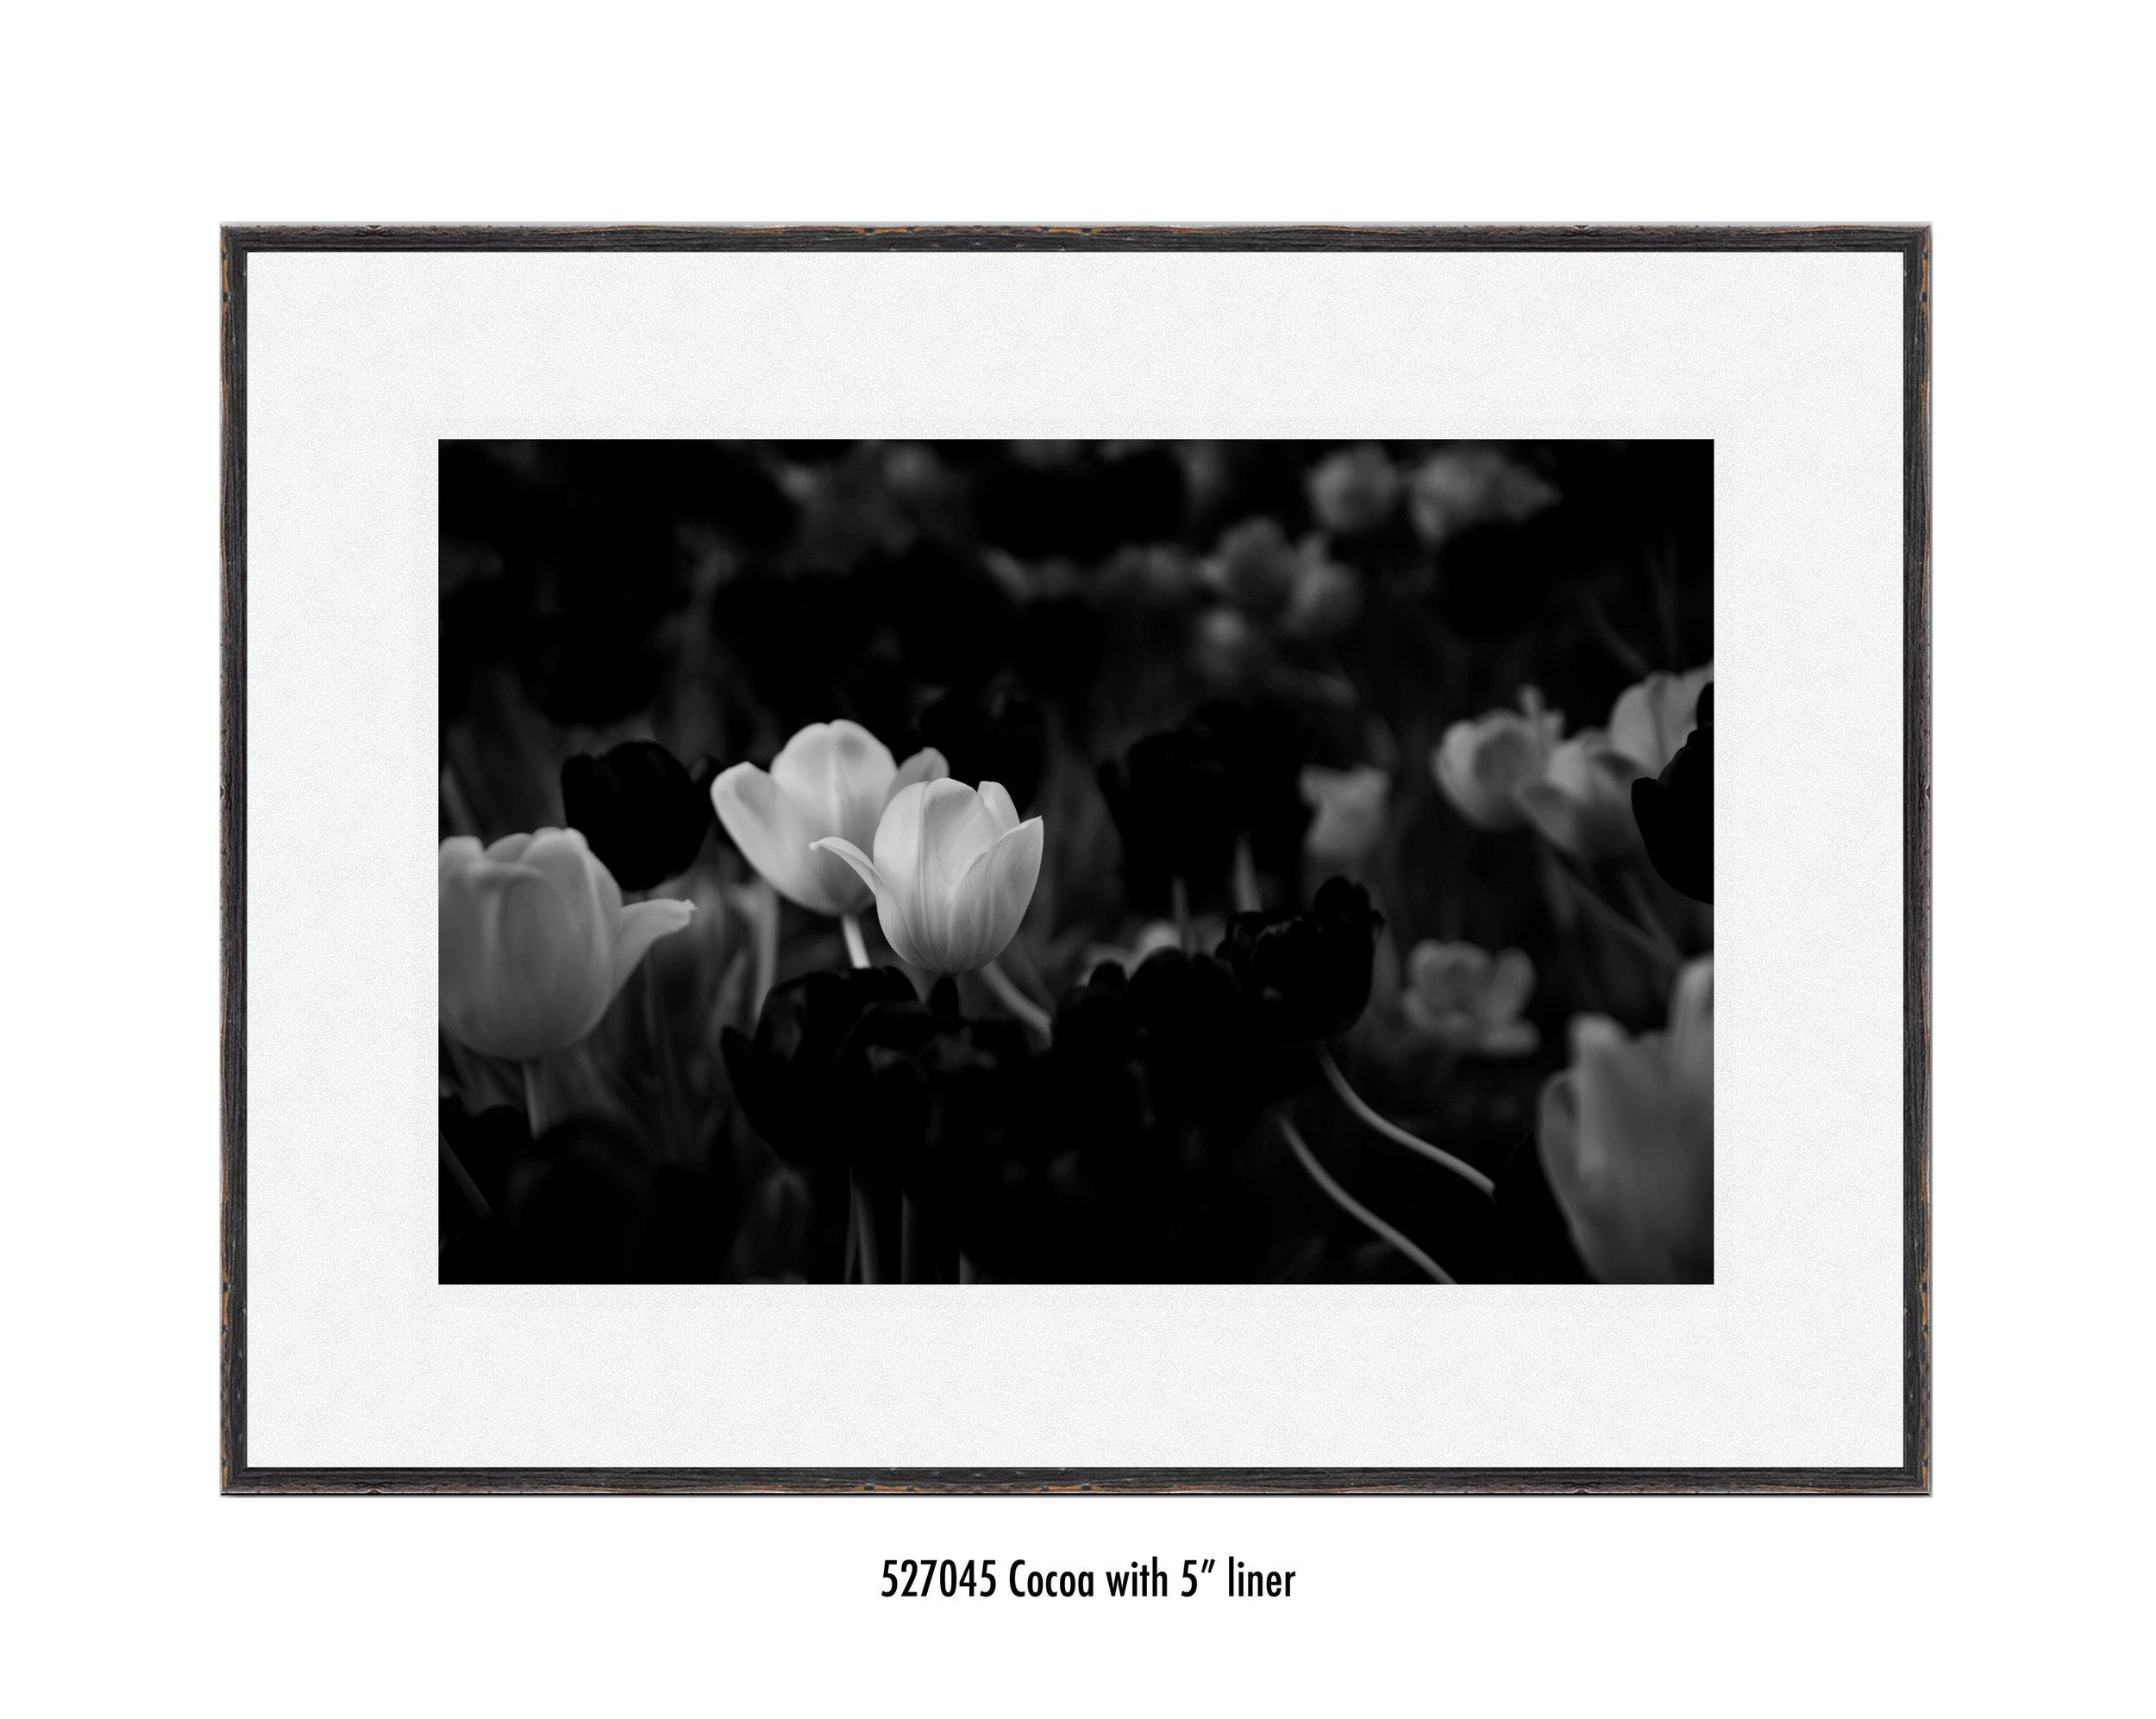 White-Flower-527045-5-wht.jpg